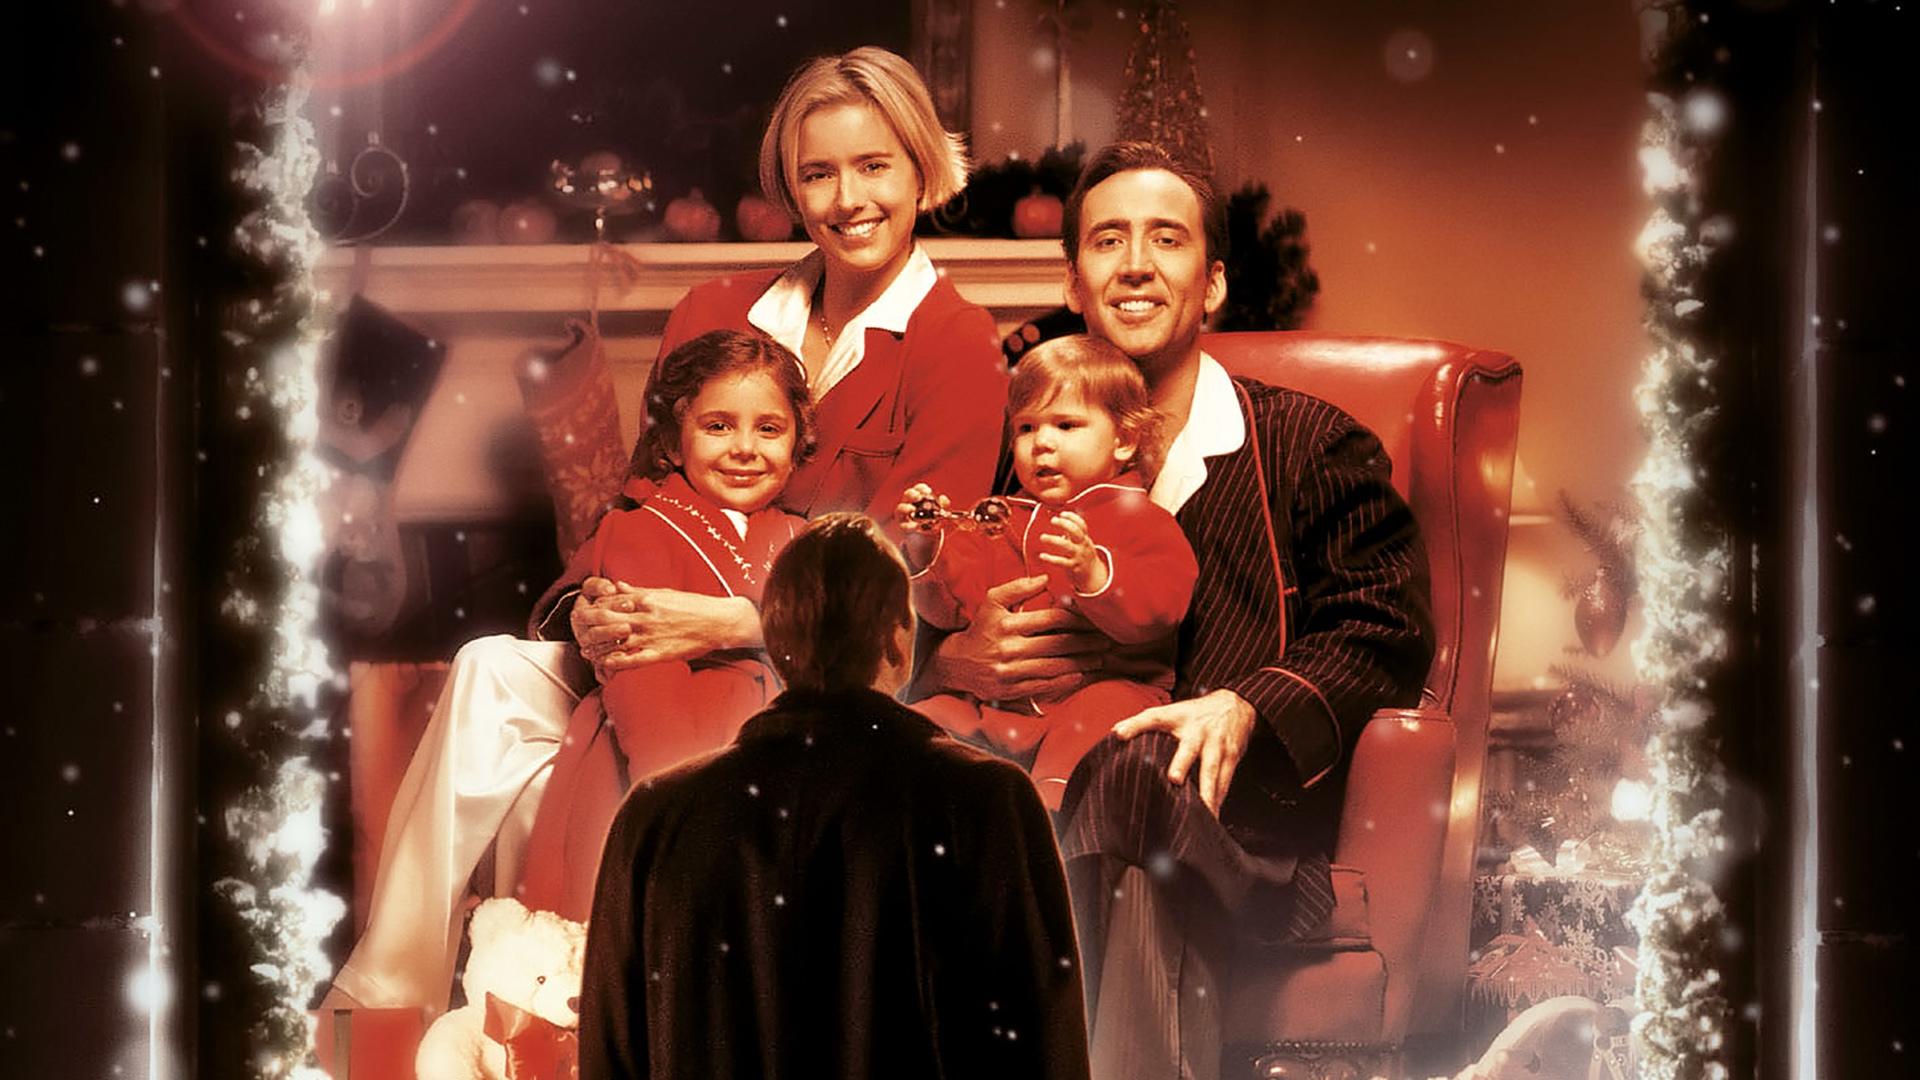 Hombre De Familia Película Completa En Español – Family Man